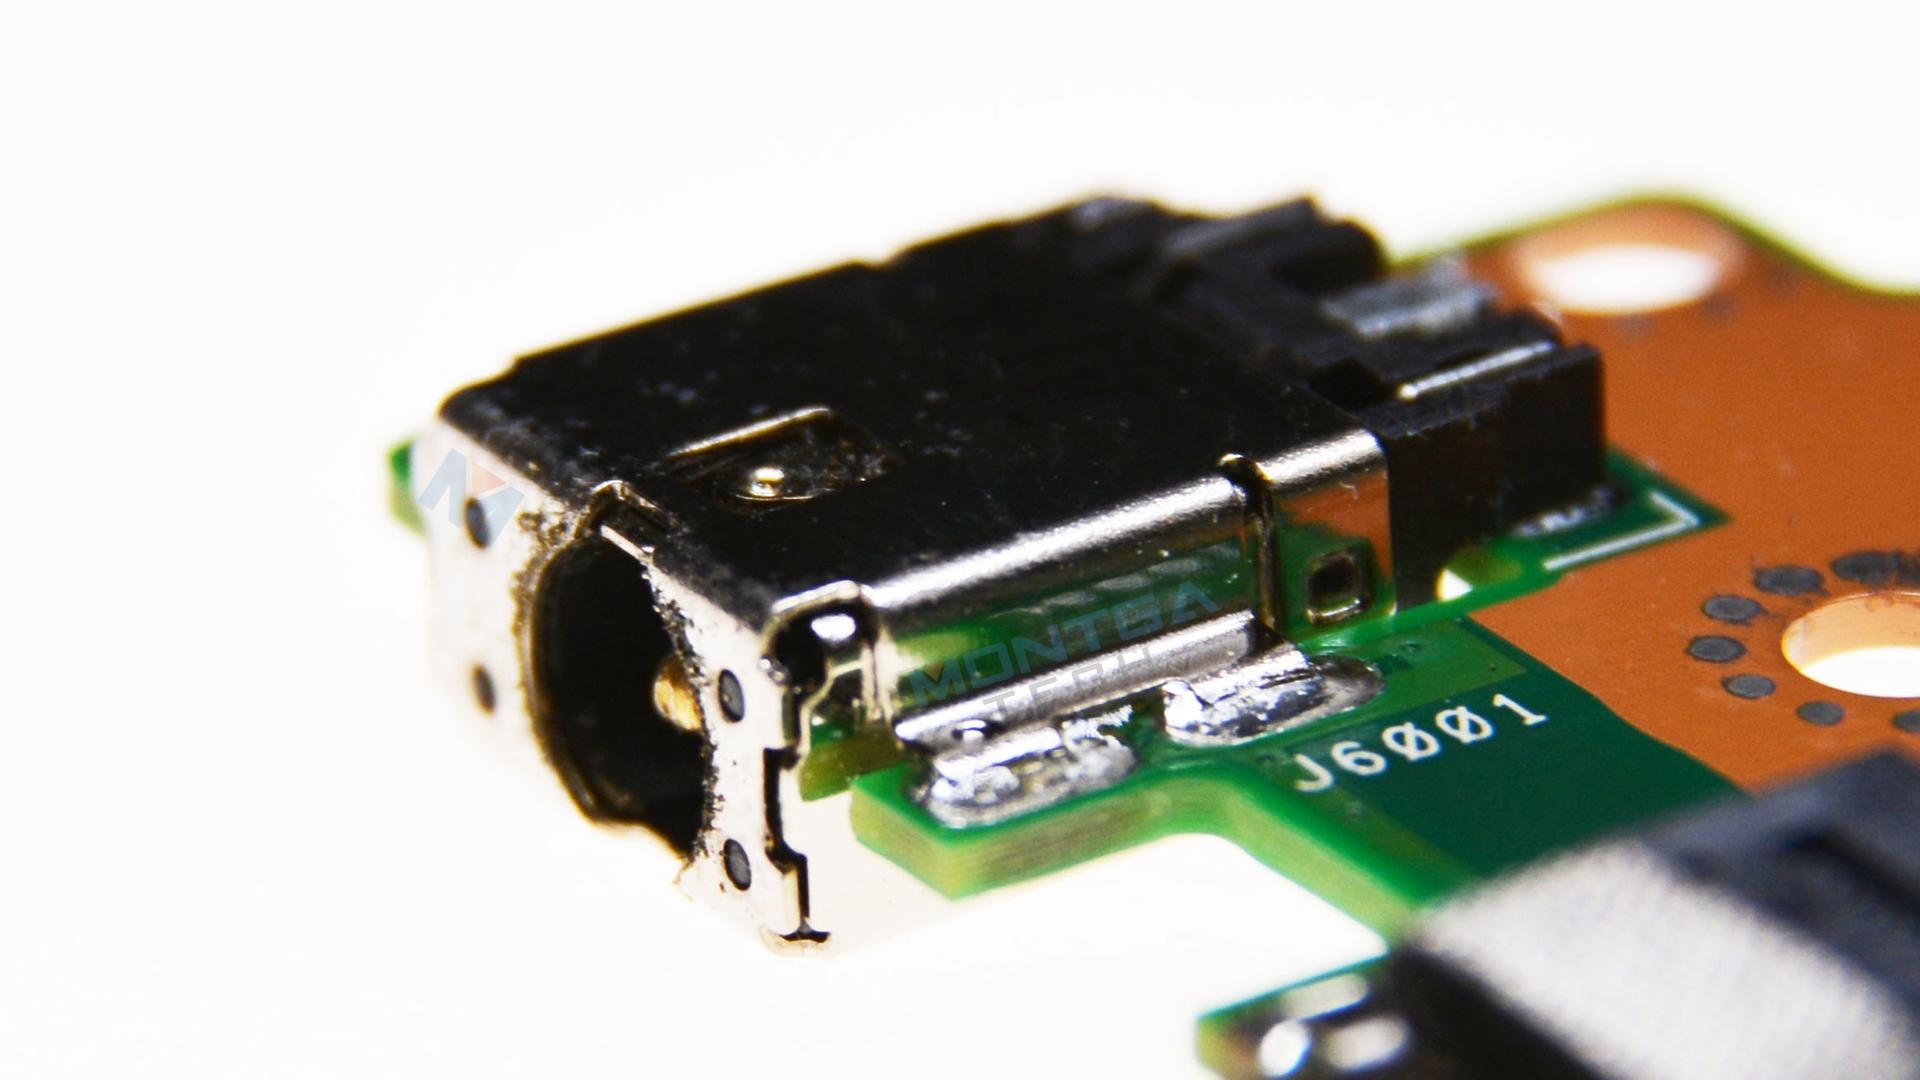 Réparation Asus TP401MA DC Jack, Réparation Asus TP401MA Jack alimentation, Réparation Asus TP401MA Power Jack, Réparation Asus TP401MA Prise Connecteur, Réparation Asus TP401MA Connecteur alimentation, Réparation Asus TP401MA connecteur de charge,changement Asus TP401MA DC Jack, changement Asus TP401MA Jack alimentation, changement Asus TP401MA Power Jack, changement Asus TP401MA Prise Connecteur, changement Asus TP401MA Connecteur alimentation, changement Asus TP401MA connecteur de charge,